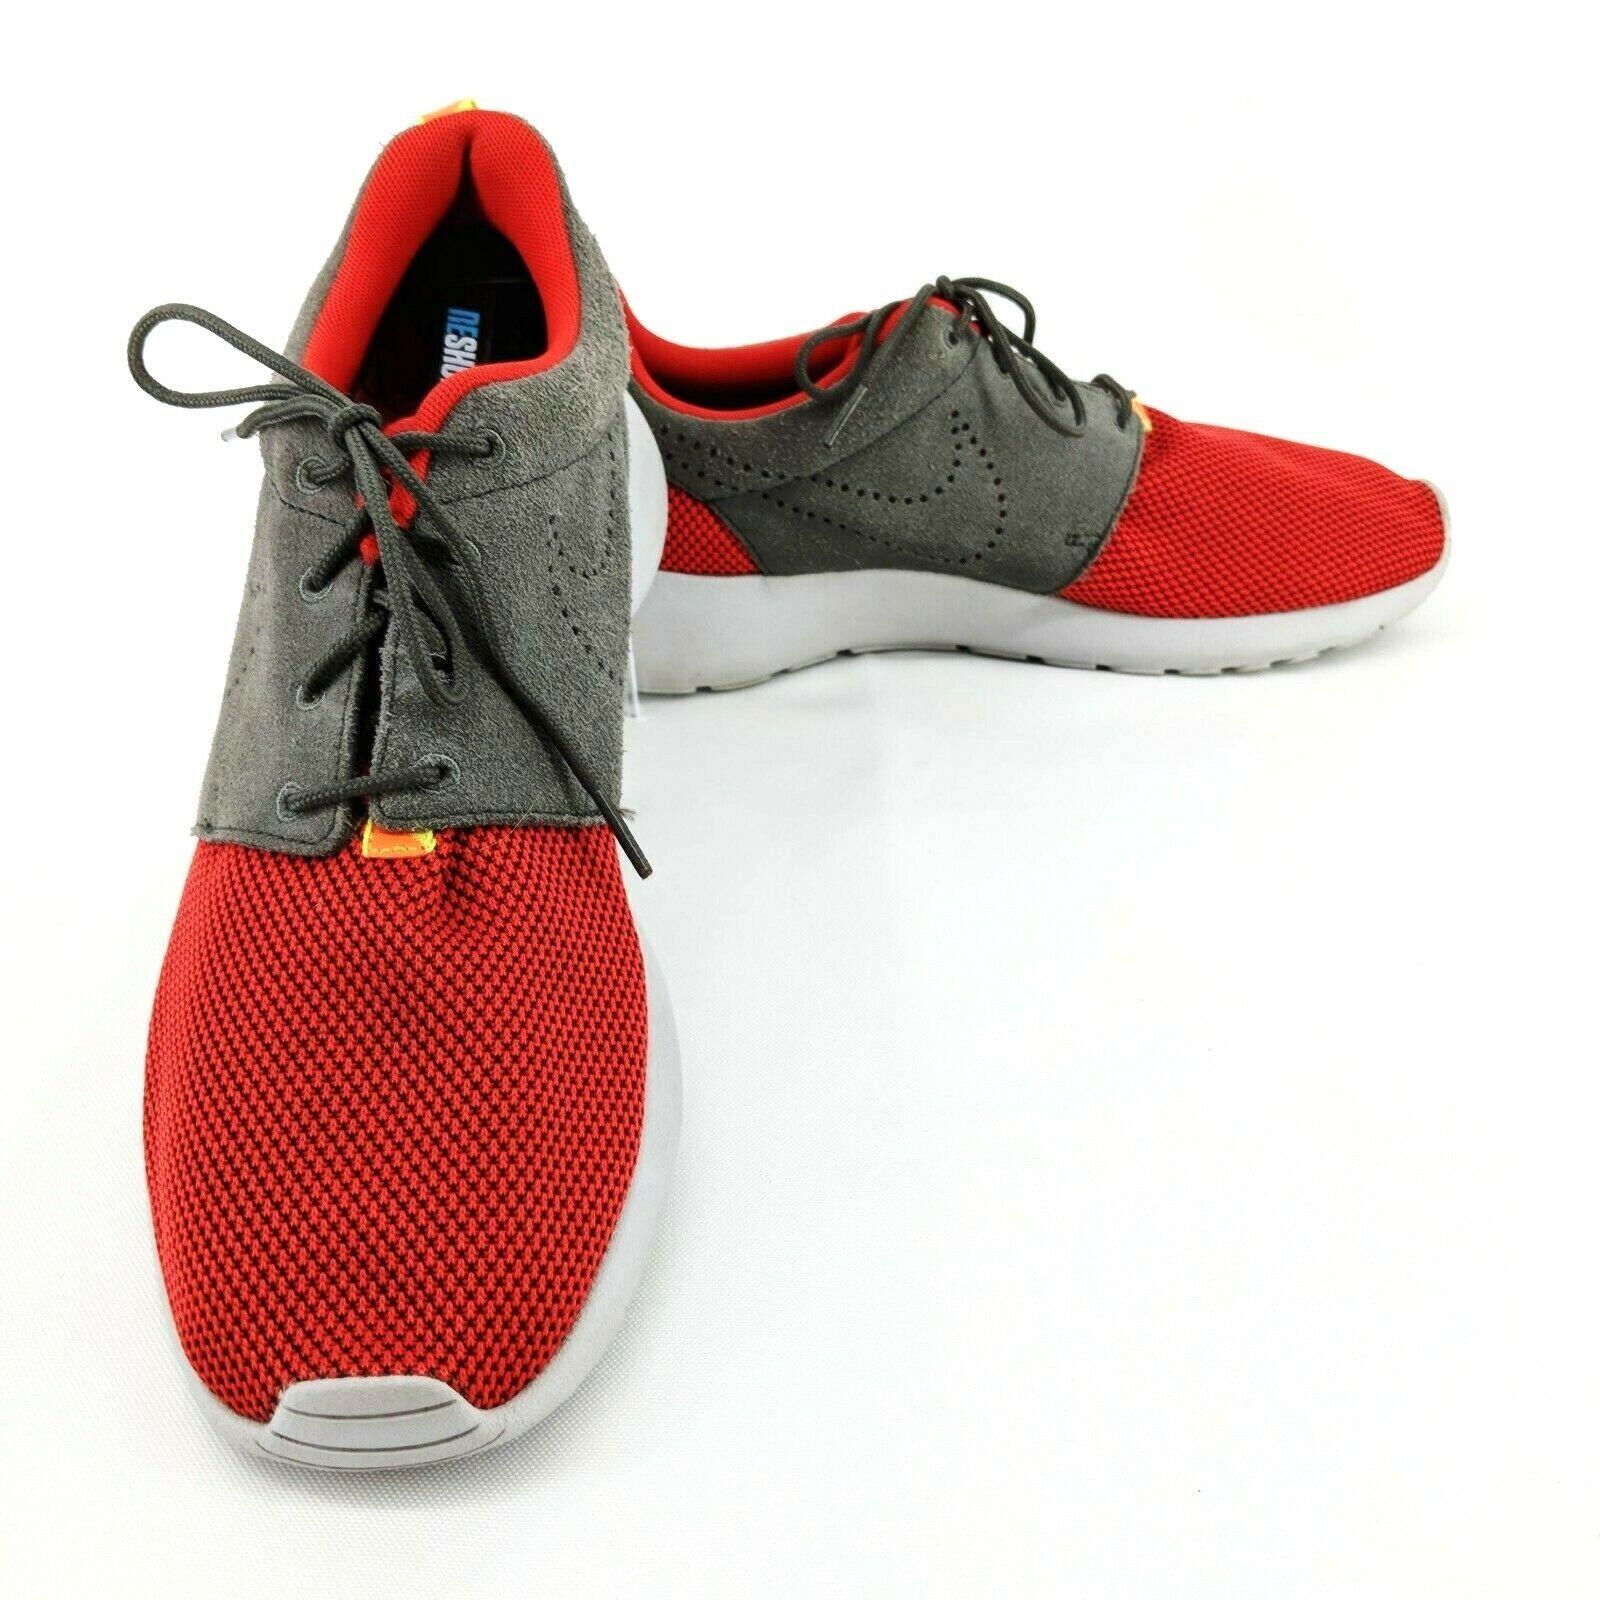 NIKE Mens Roshe Run shoes Challenge Red Dark Pewter Crimson Volt 511881-608 10.5